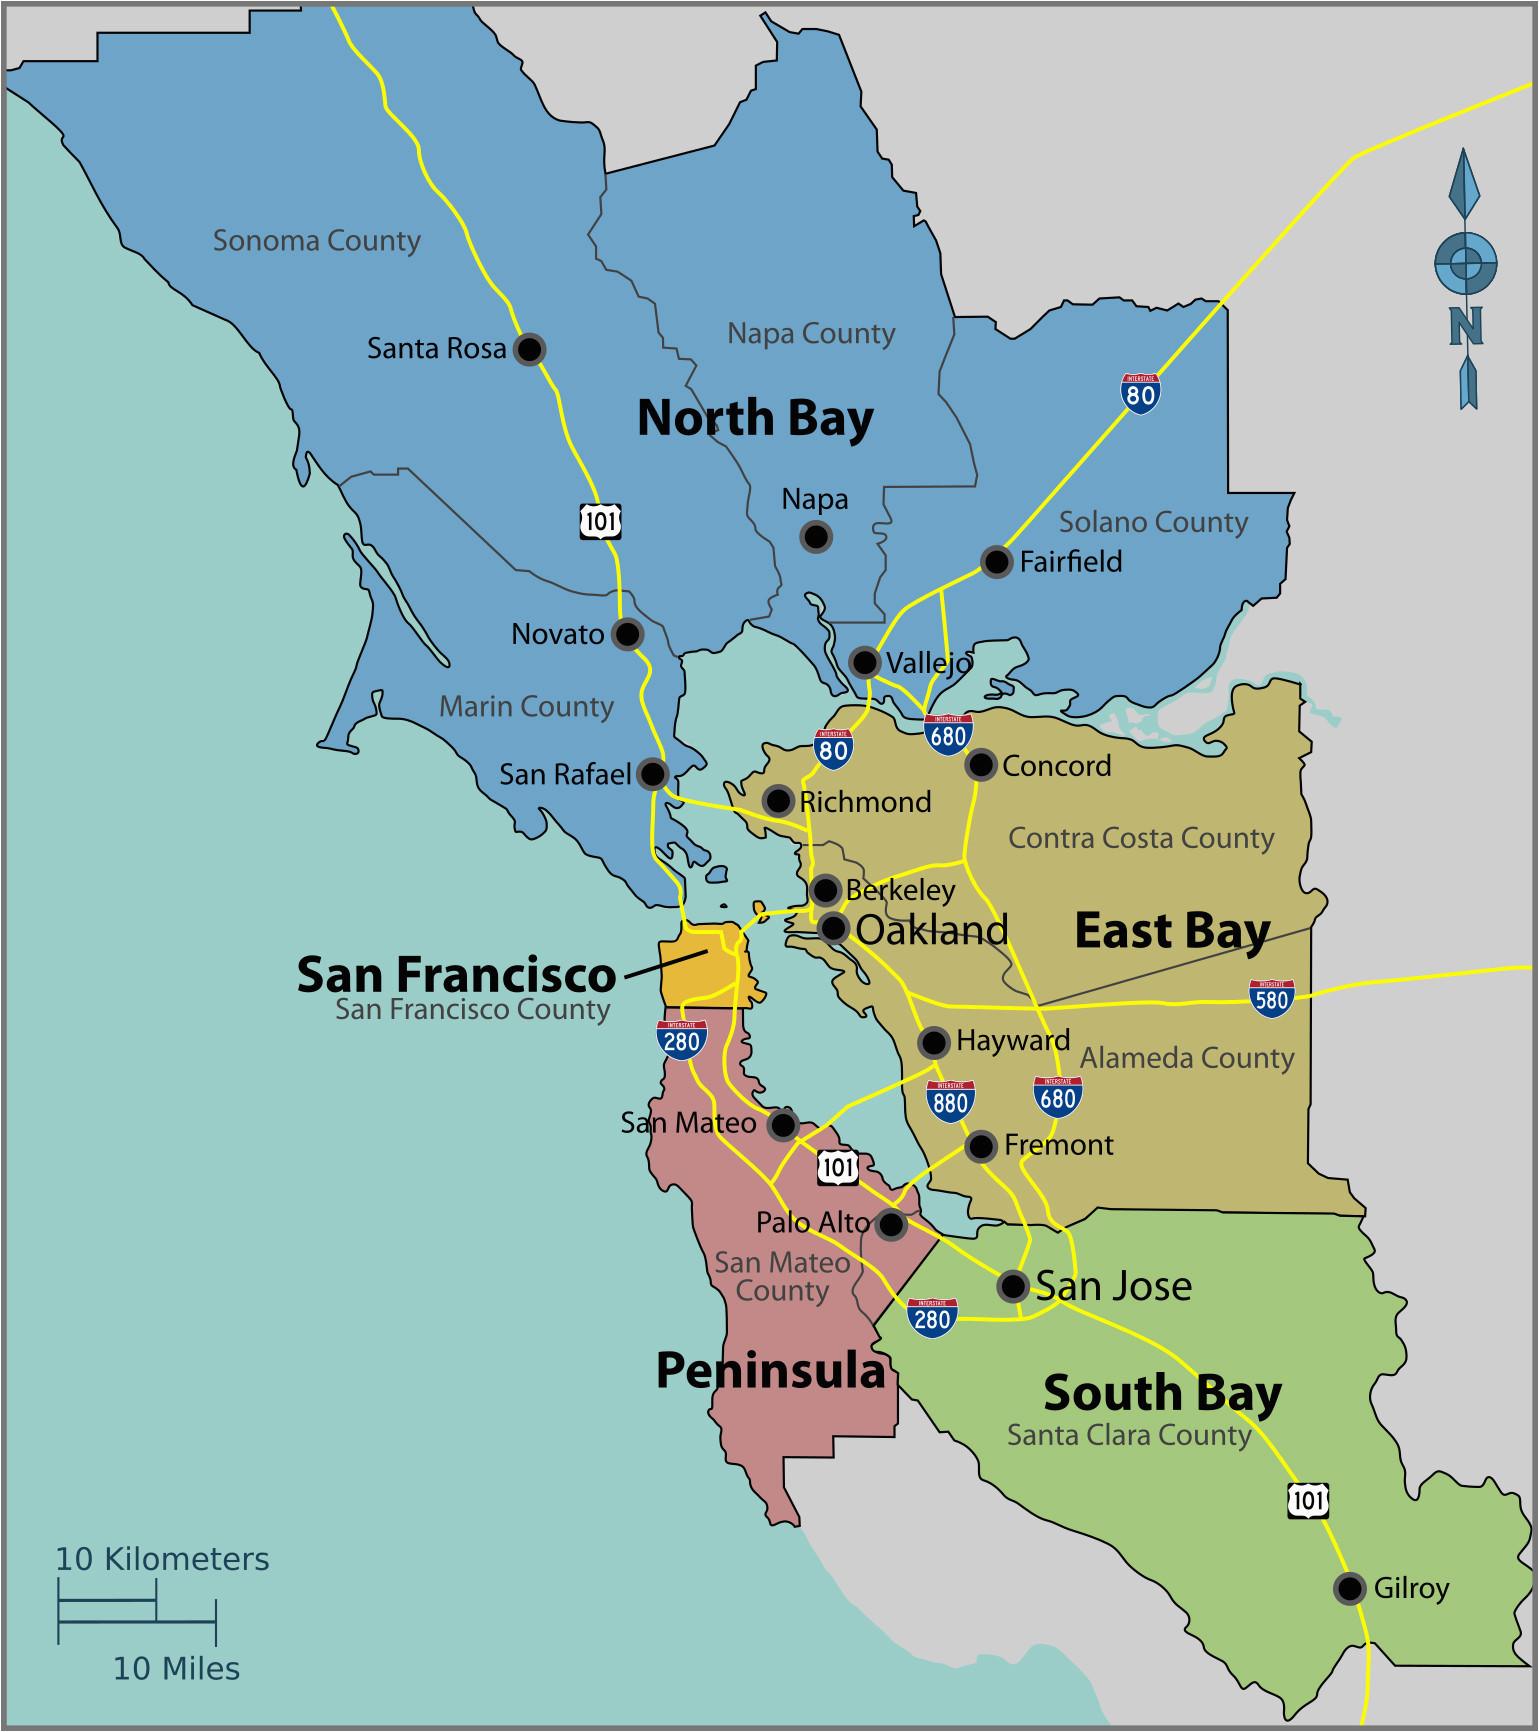 Coaca Valley California Map Coaca Valley Map California ... on